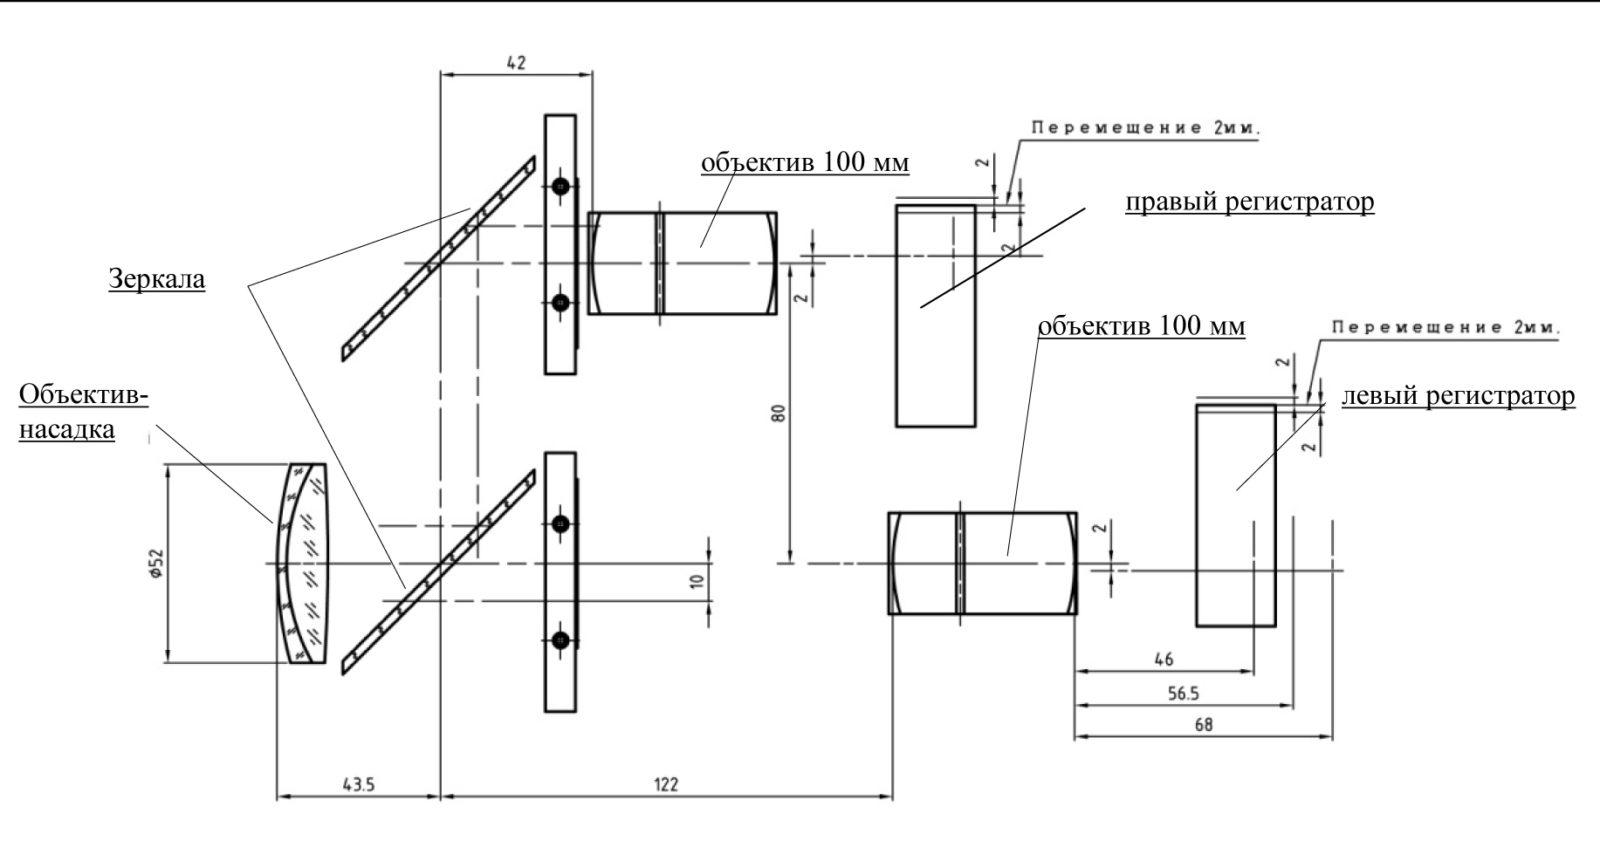 Принципиальная оптическая система для стереомакросъёмки на два раздельных регистратора